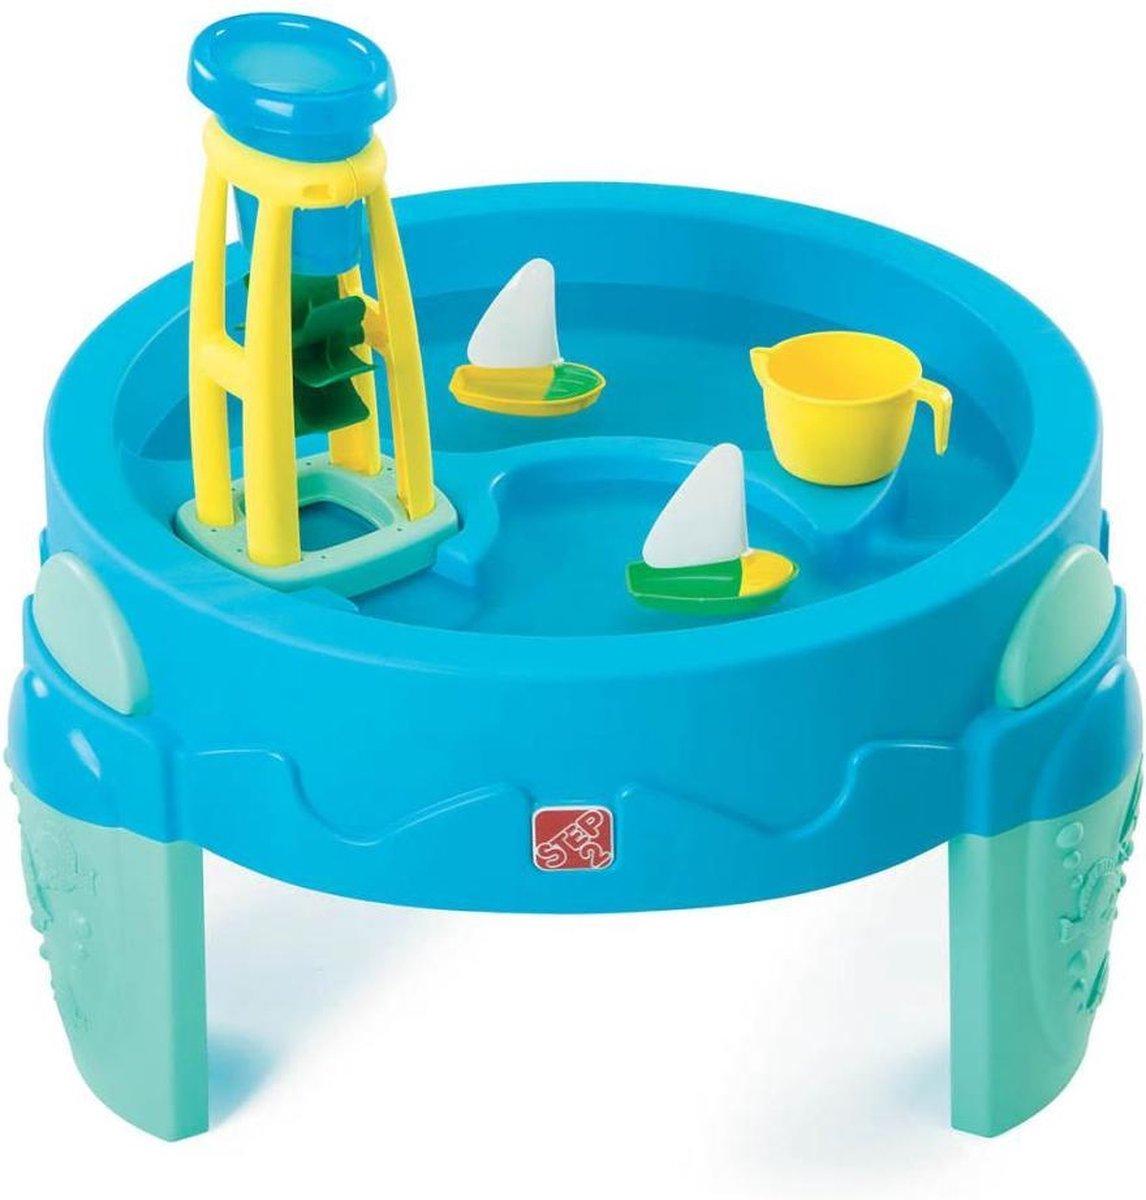 Step2 WaterWheel Play Table - Watertafel incl. 2 boten en beker